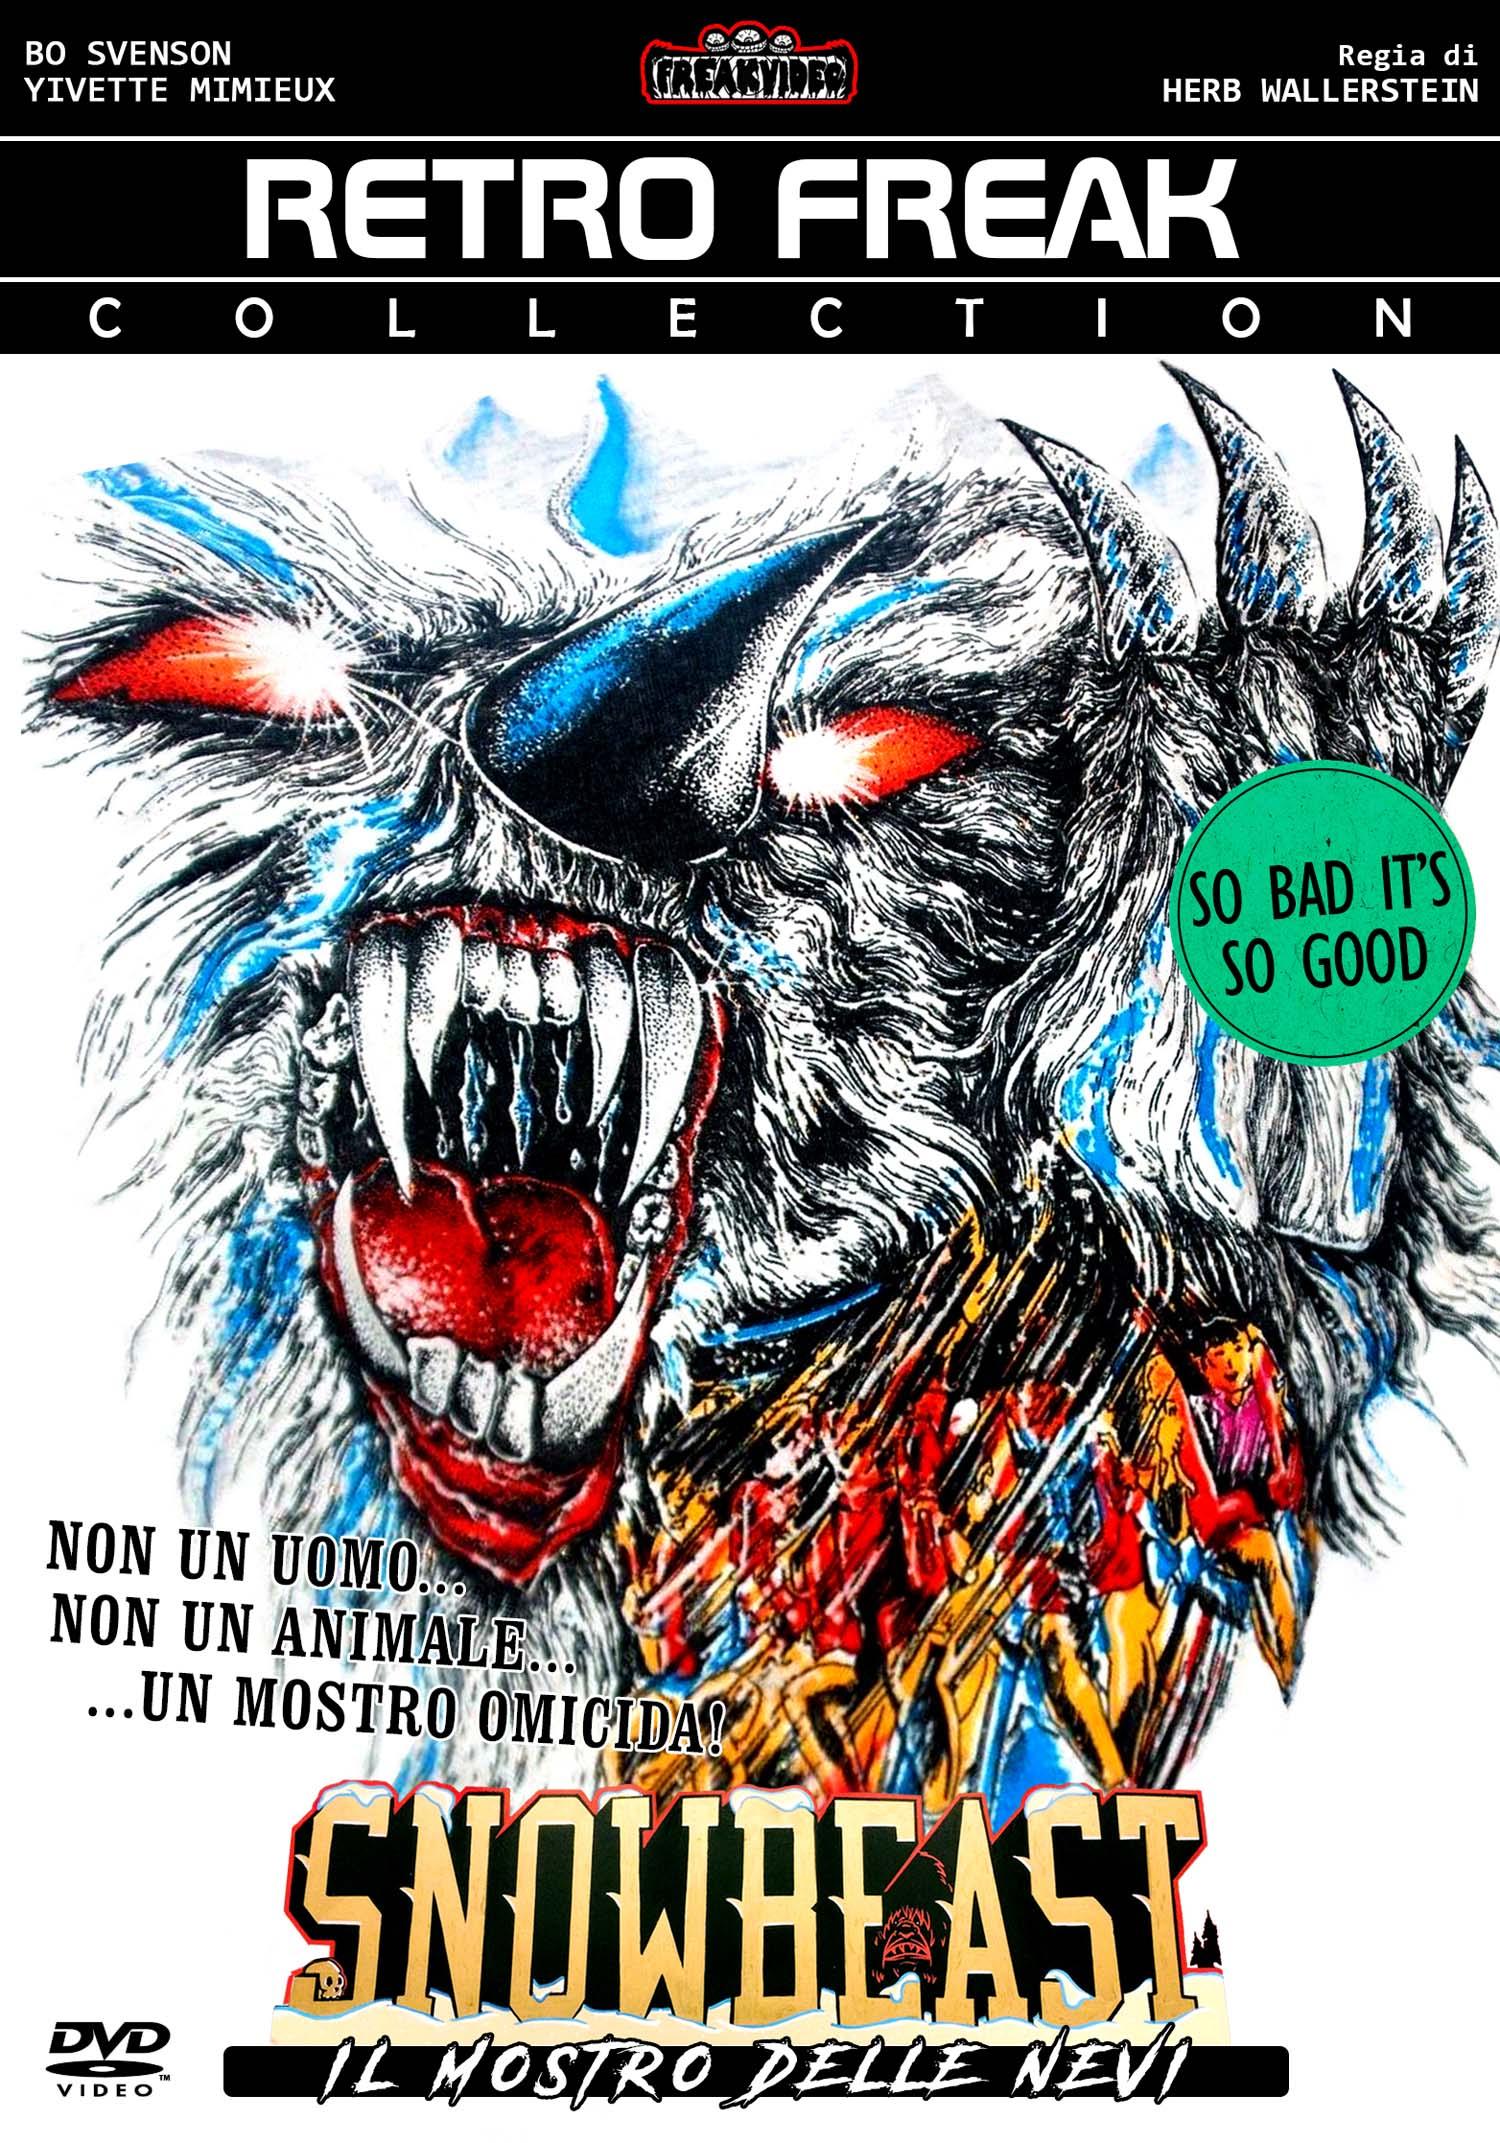 SNOWBEAST - IL MOSTRO DELLE NEVI (DVD)